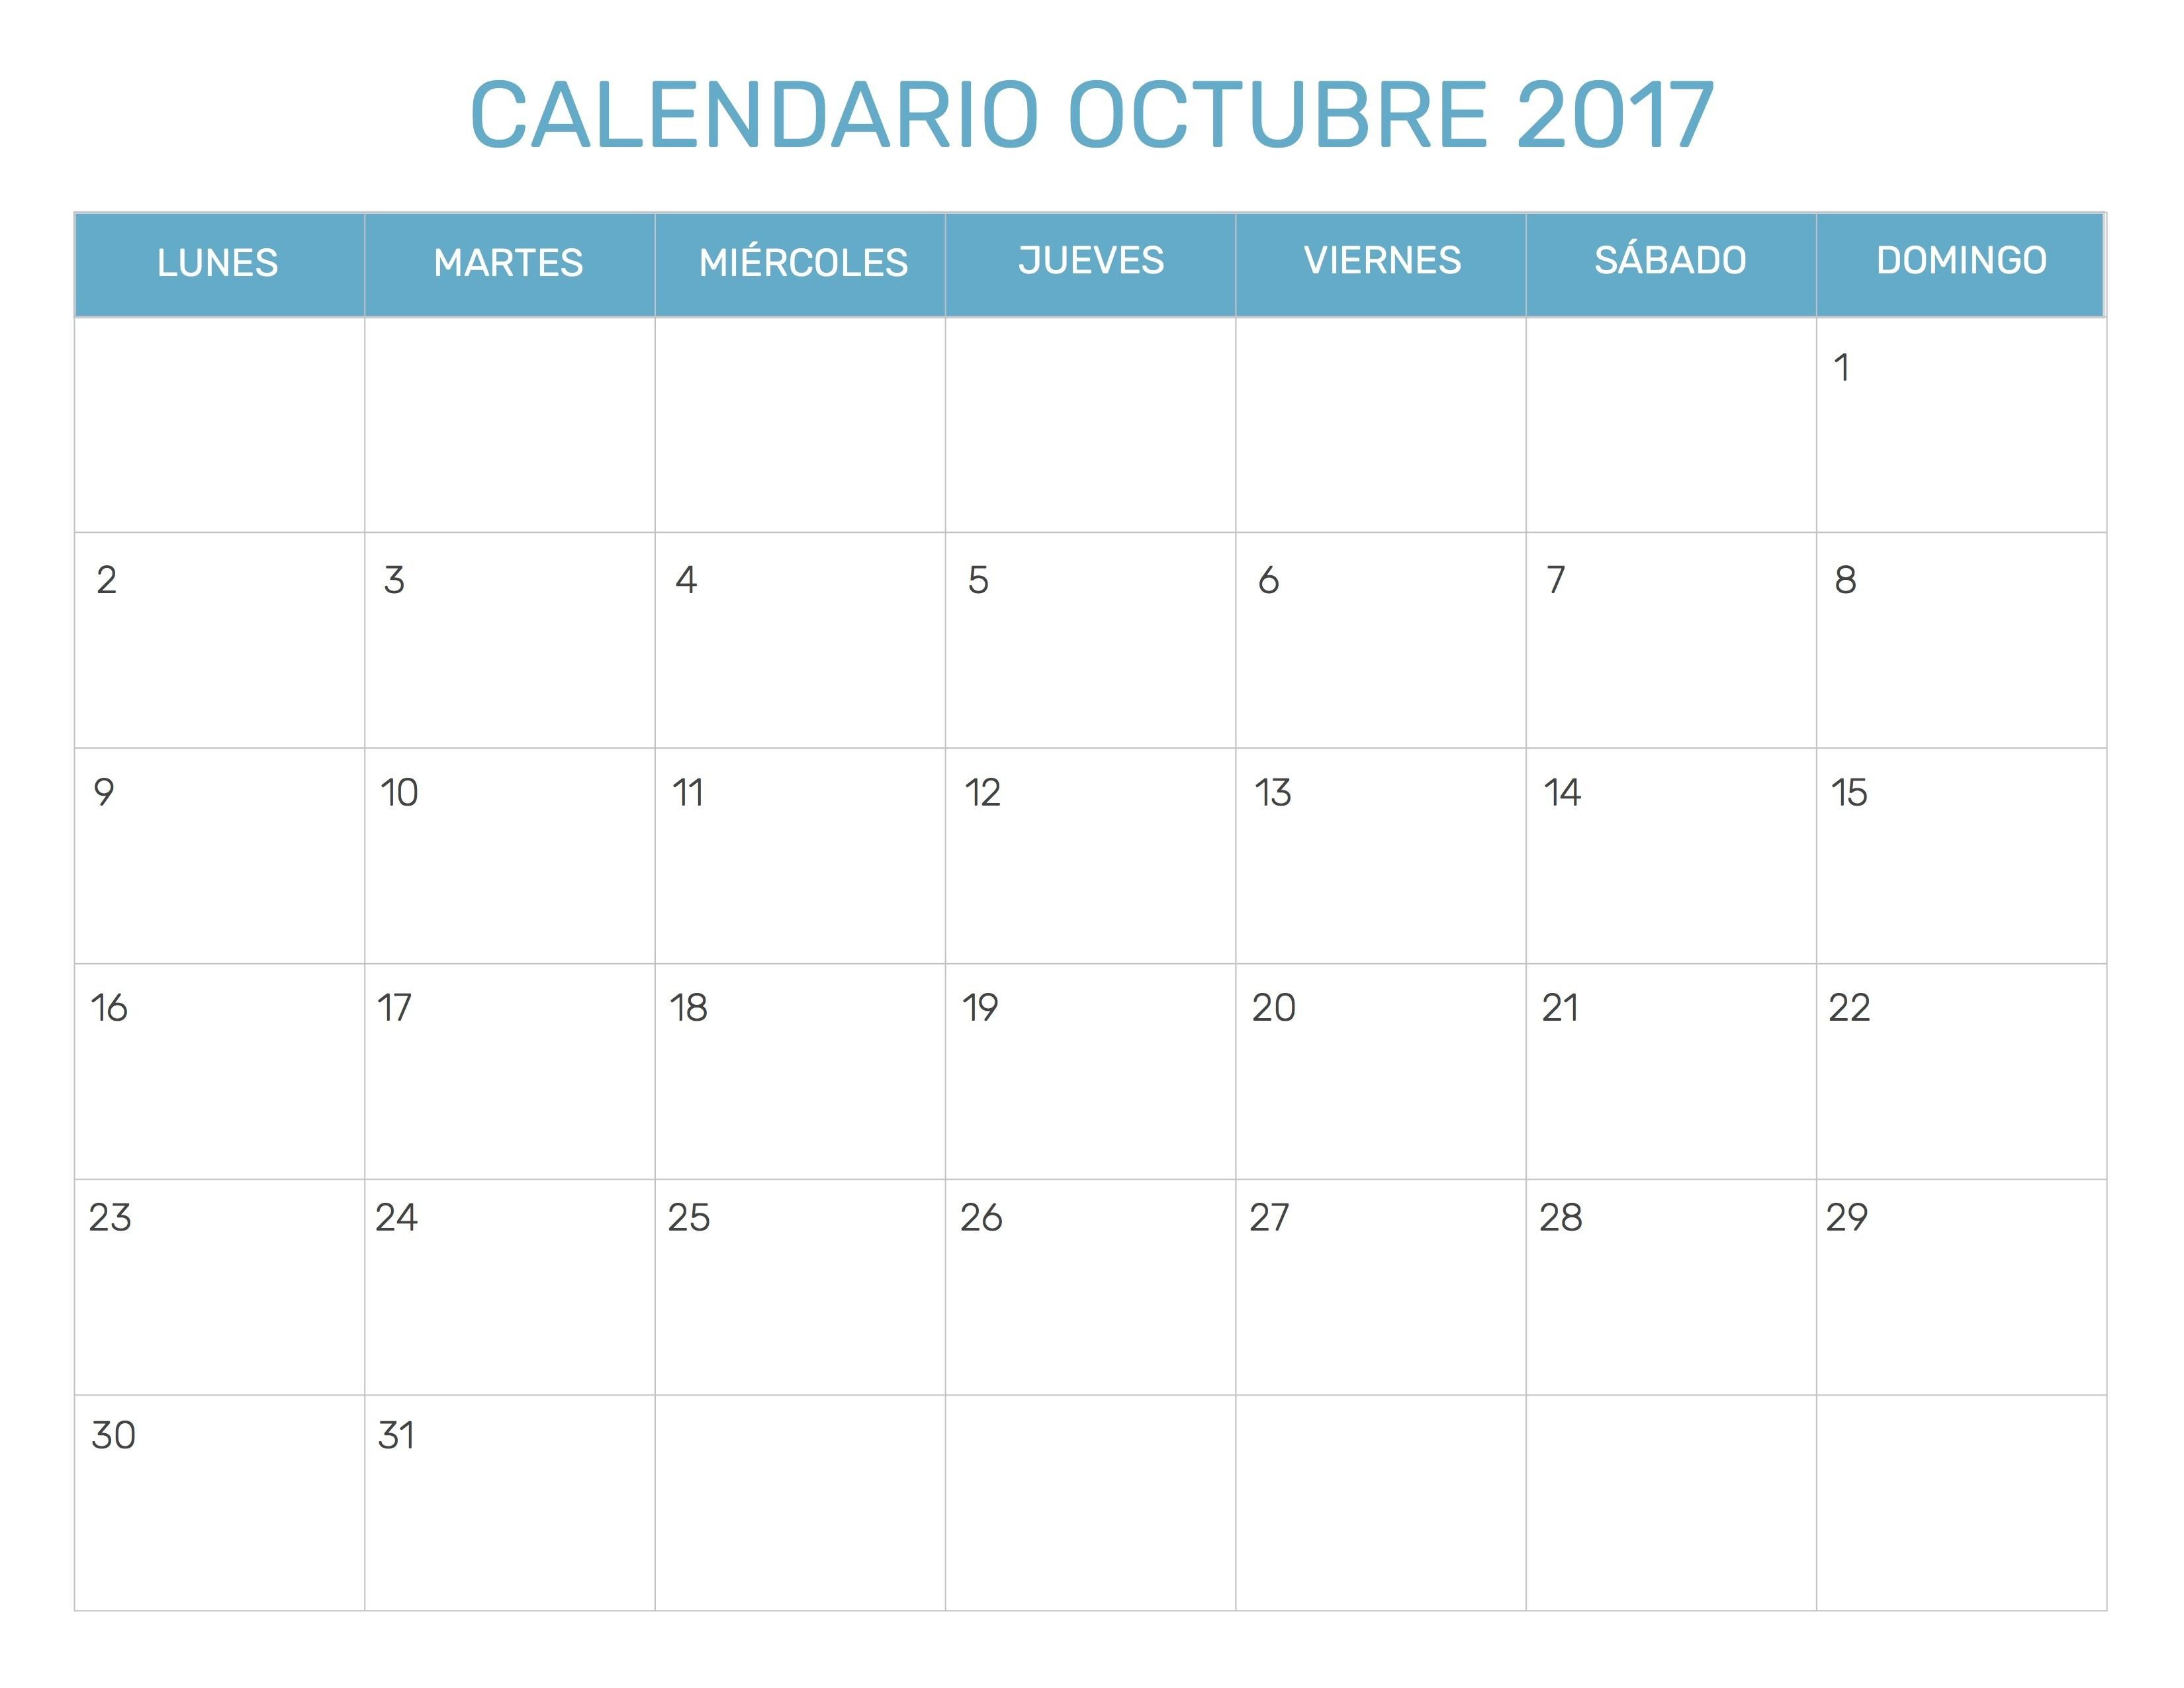 Calendario Mes Octubre 2017 · Calendario Octubre 2017 Para Imprimir Icalendario